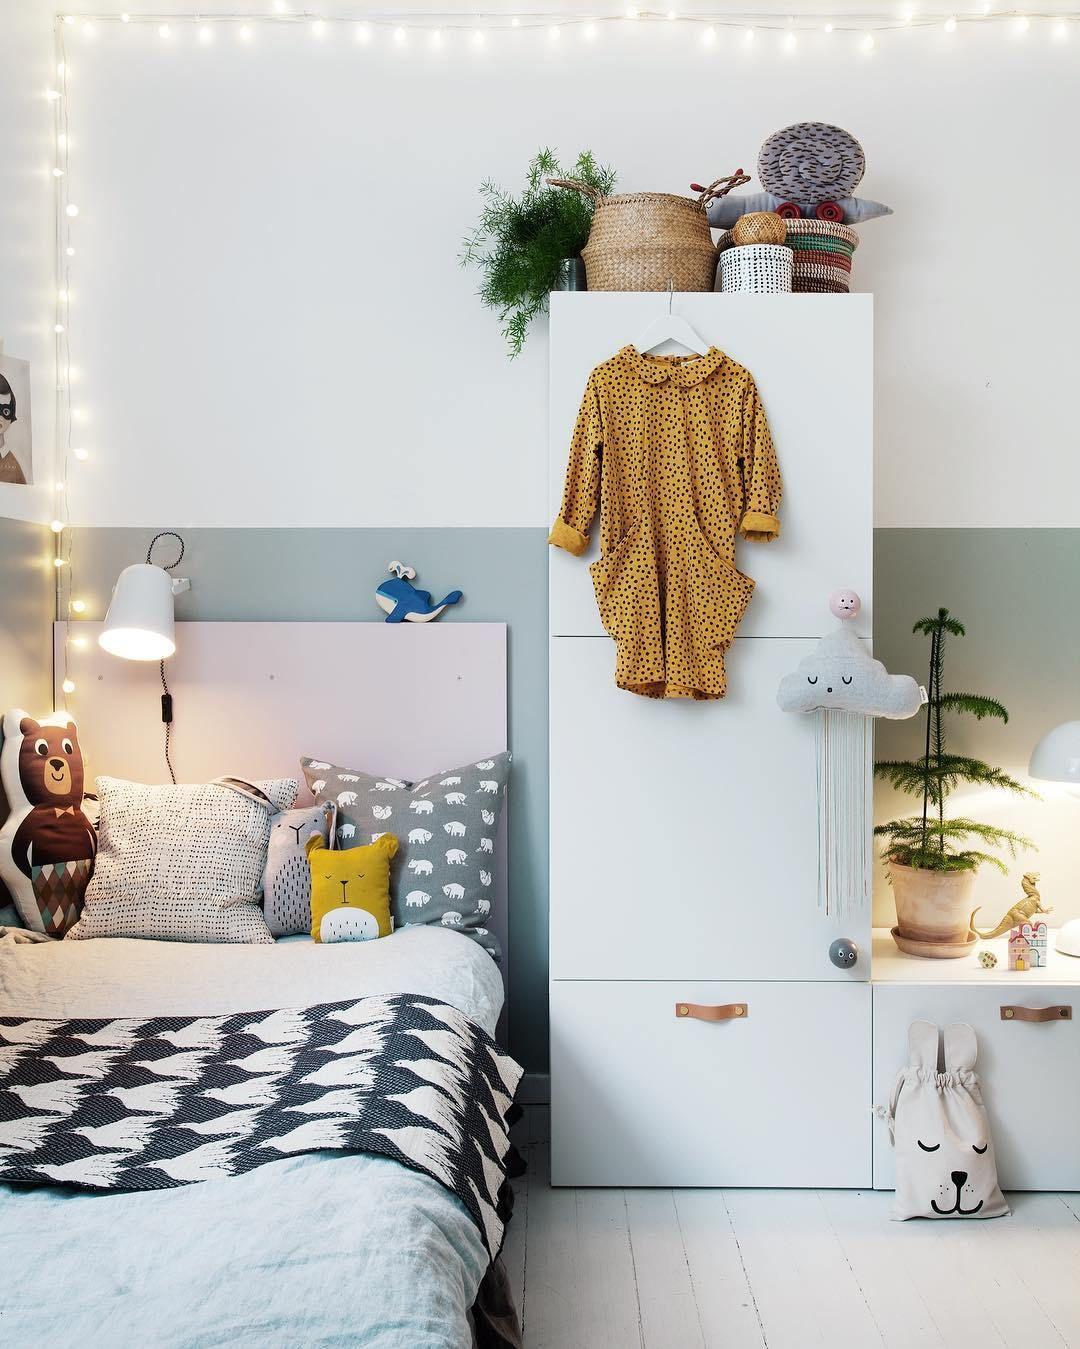 5 idees pour ranger une chambre d enfant lili in wonderland